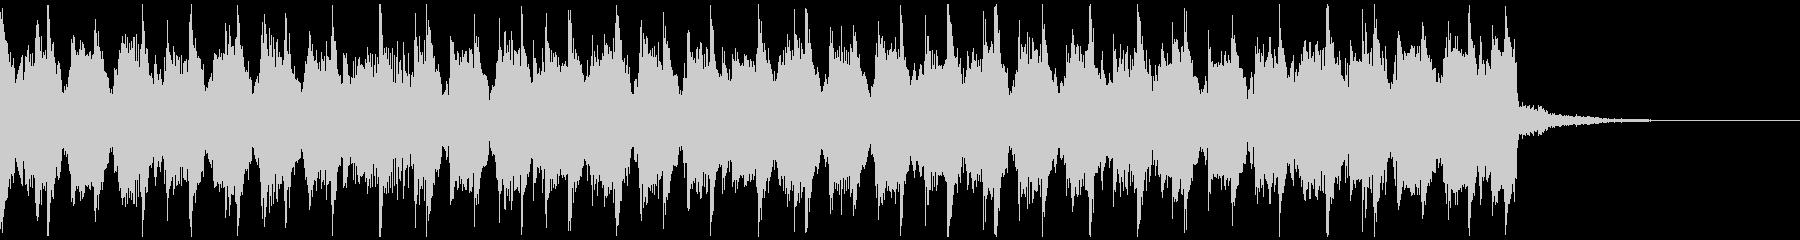 SNS、お洒落、夏、トロピカルハウス6Sの未再生の波形